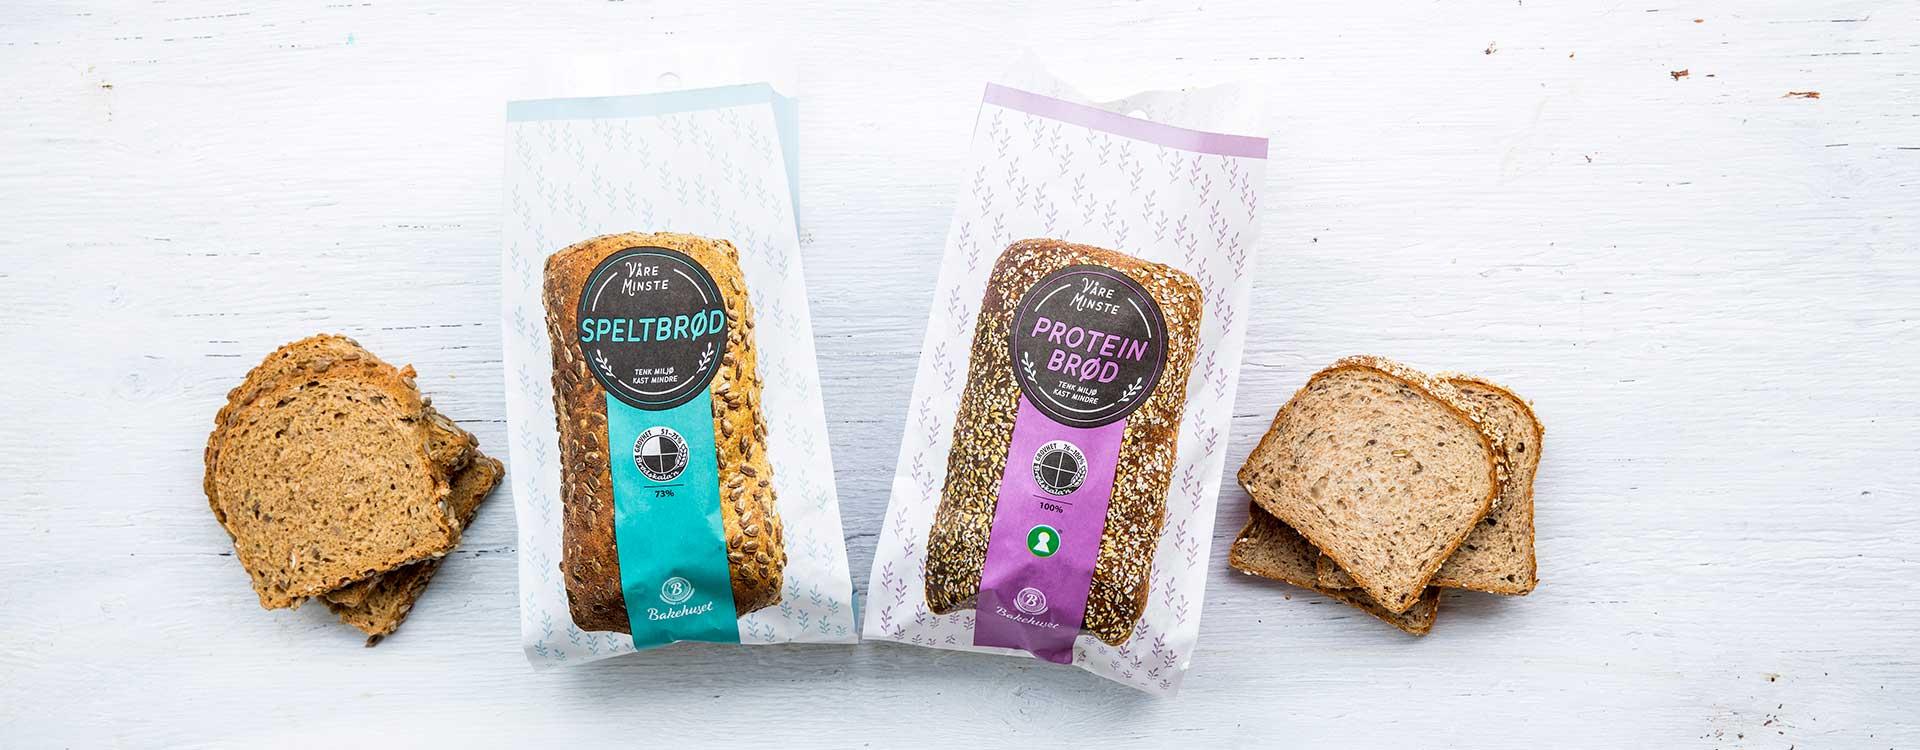 I serien Våre minste brød får du følgende: Proteinbrød, Speltbrød, Seterbrød, Skogsbrød, Åkerbrød og Engloff.